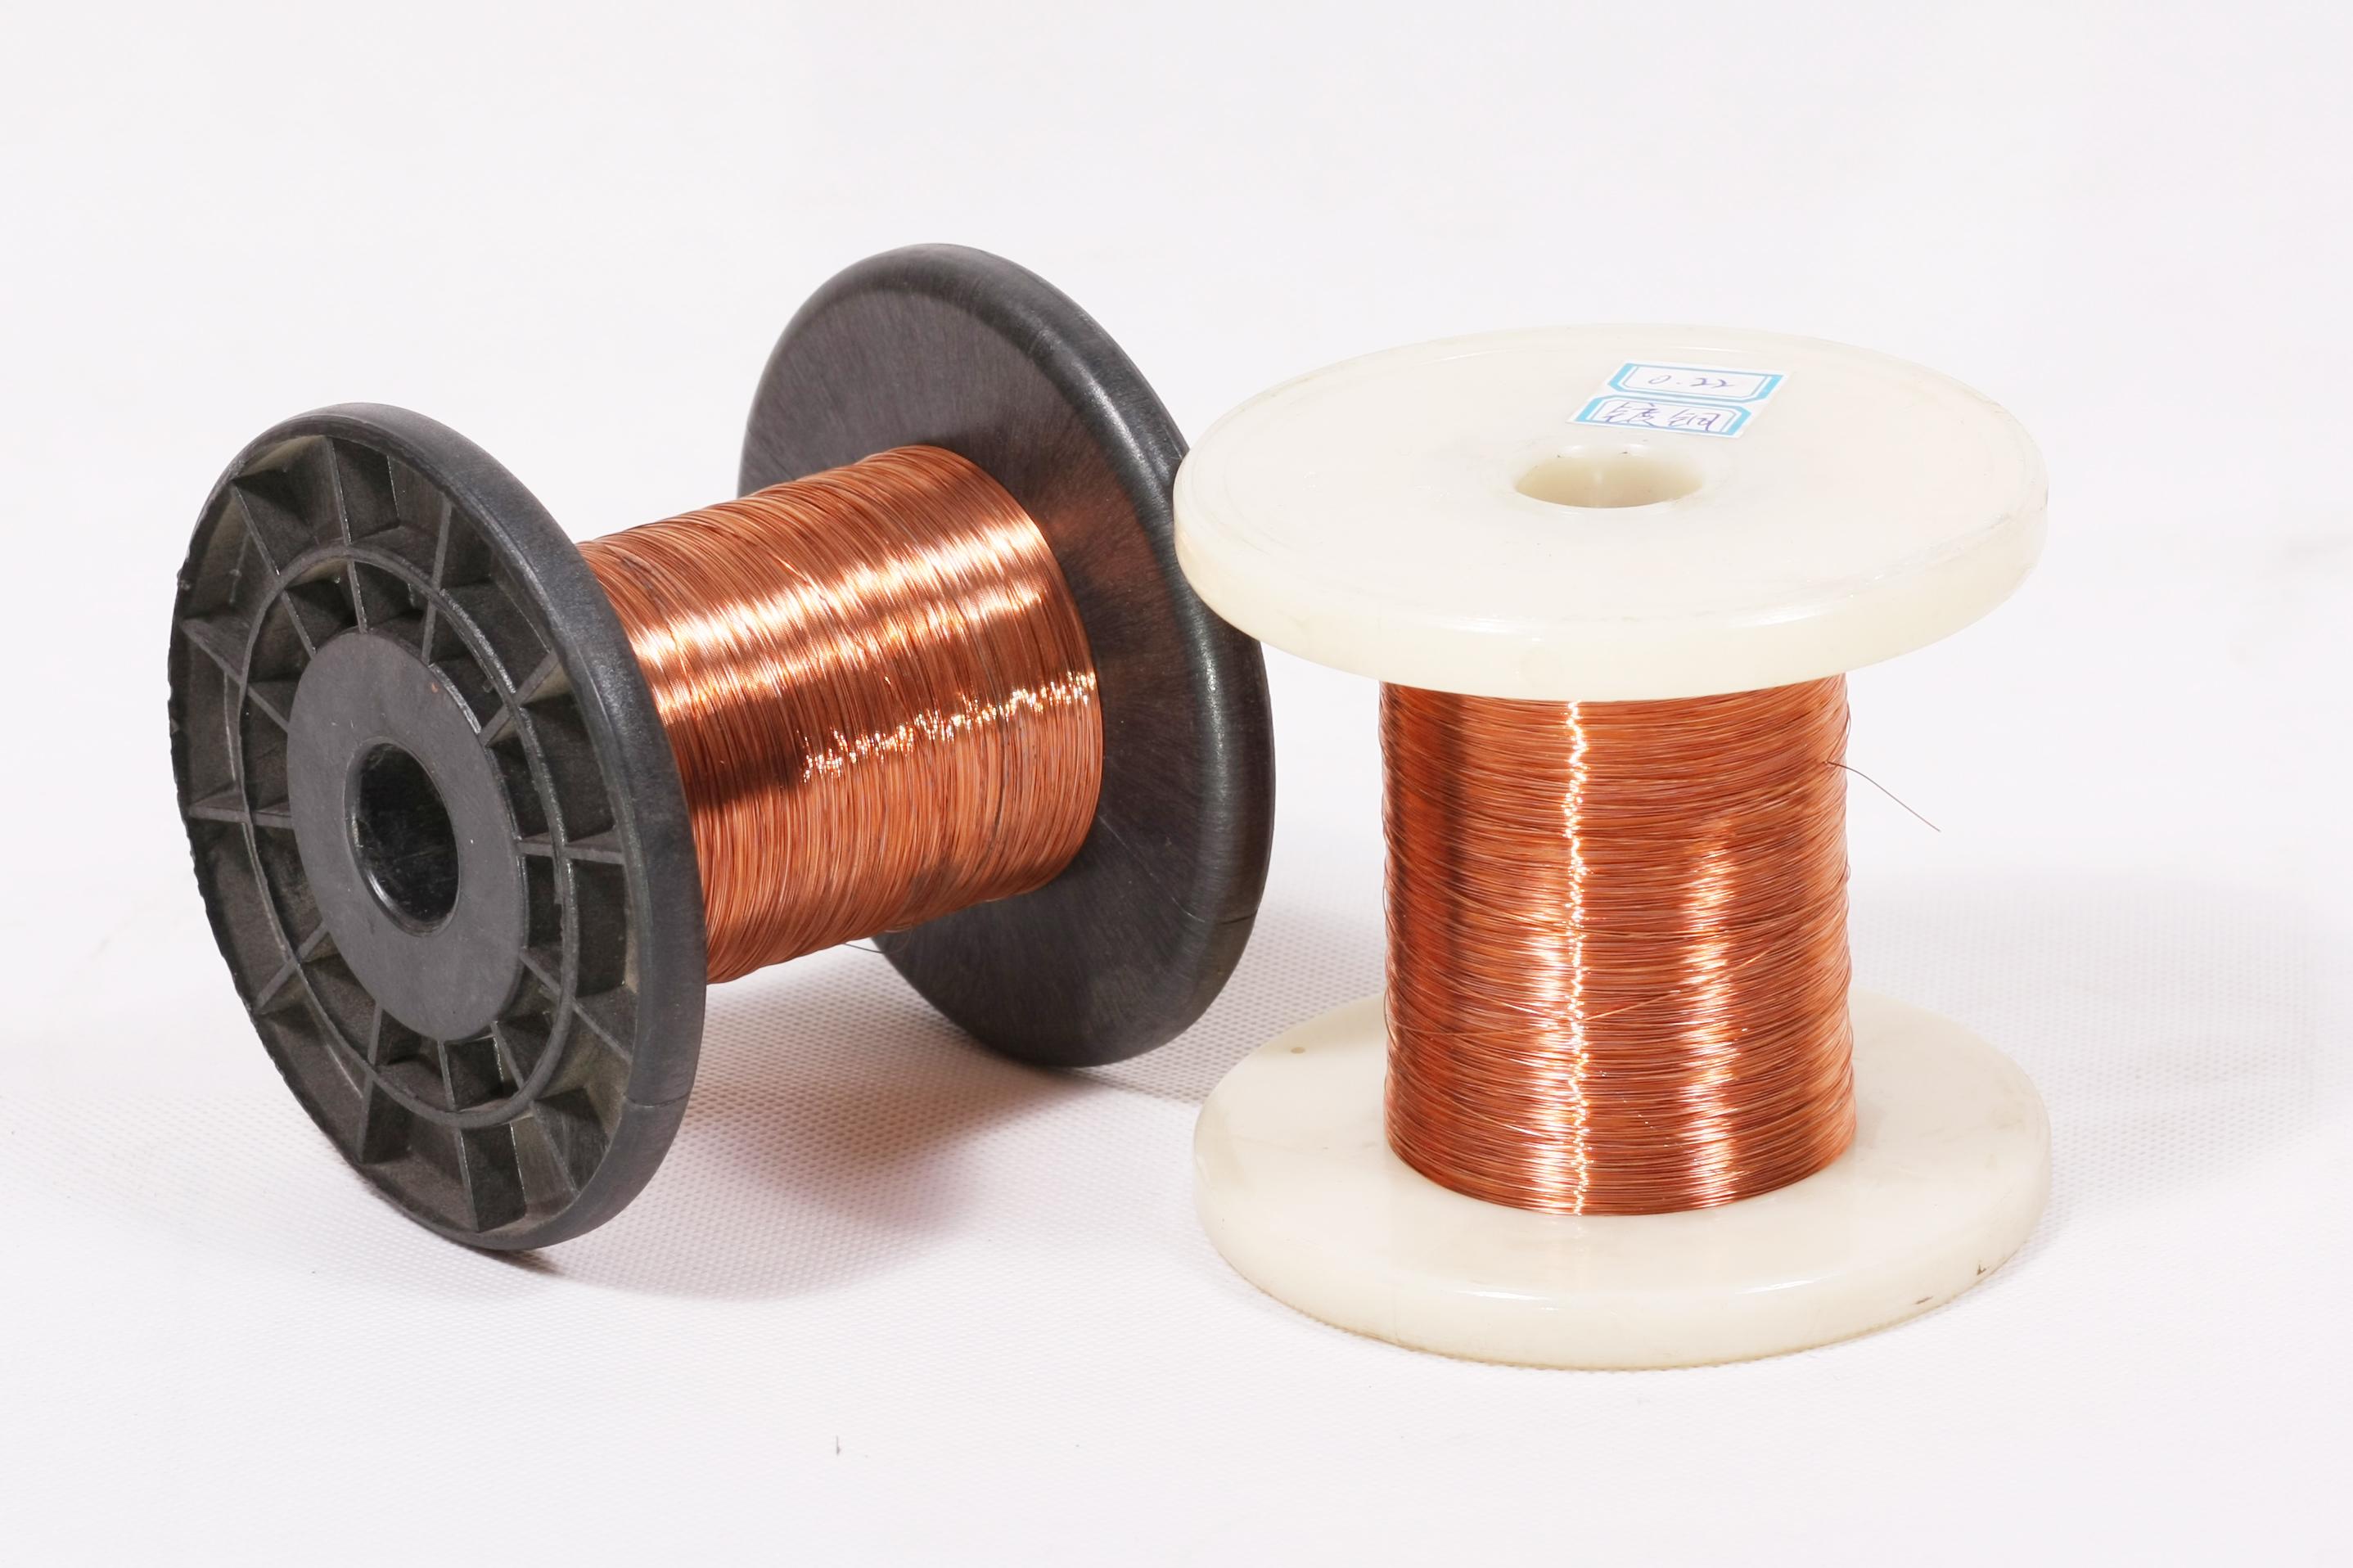 镀铜扁丝,用来做镀铜网球 0.22mm镀铜扁丝